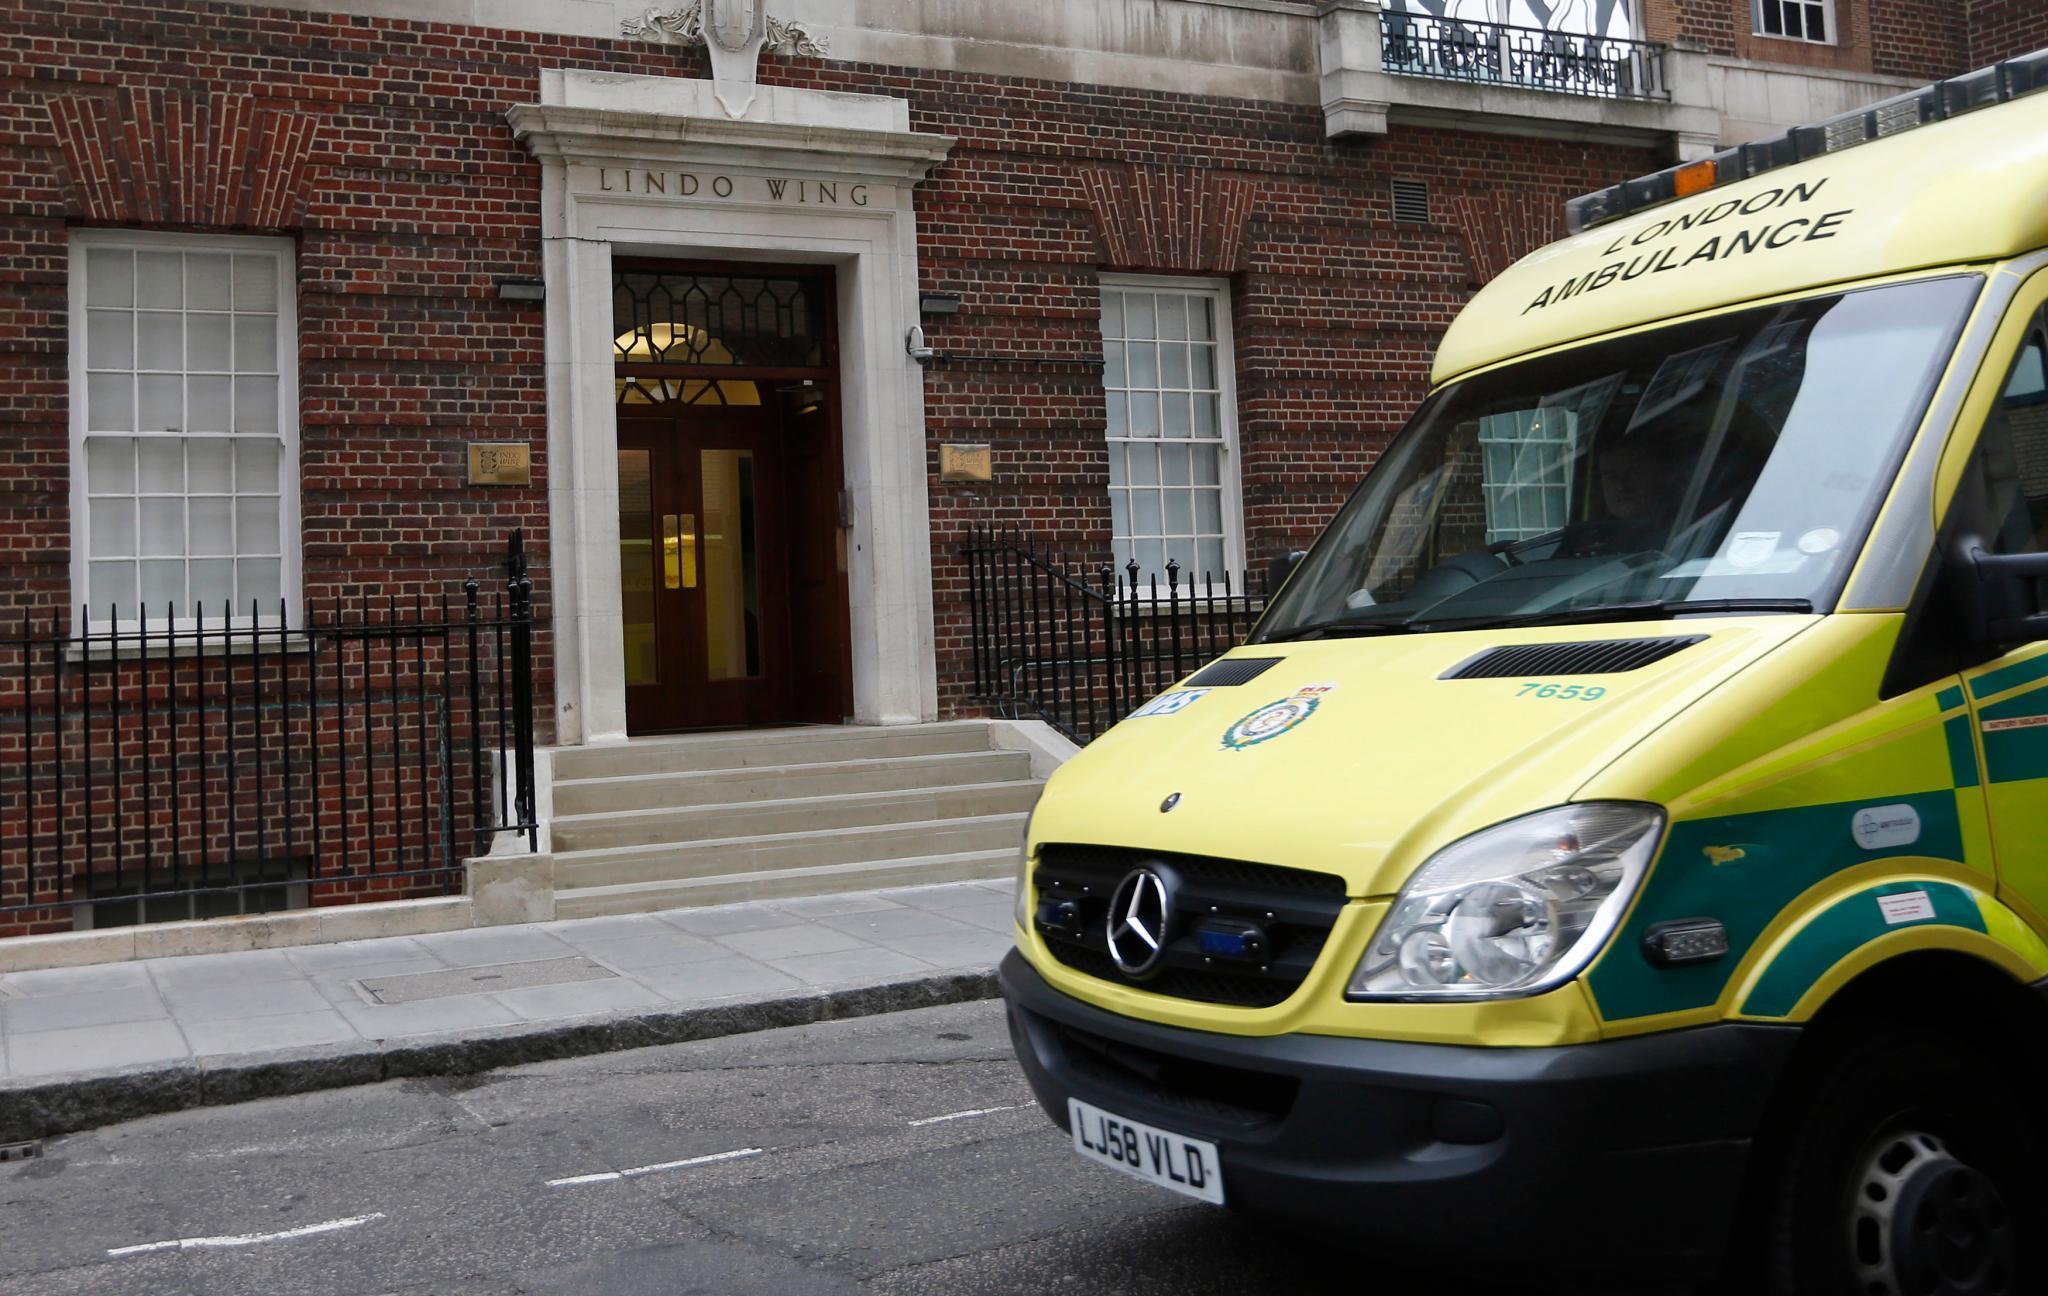 """Ganz zu Anfang ihrer Schwangerschaft musste sich Herzogin Catherine wegen Übelkeit behandeln lassen und wählte eine Privatklinik in London, das """"King Edward VII Hospital"""". Zur Entbindung wird sie aber ins gleiche Krankenhaus gehen, in dem schon Prinz William geboren wurde und dort - wie damals Prinzessin Diana - im """"Lindo Wing"""" ein Zimmer beziehen."""